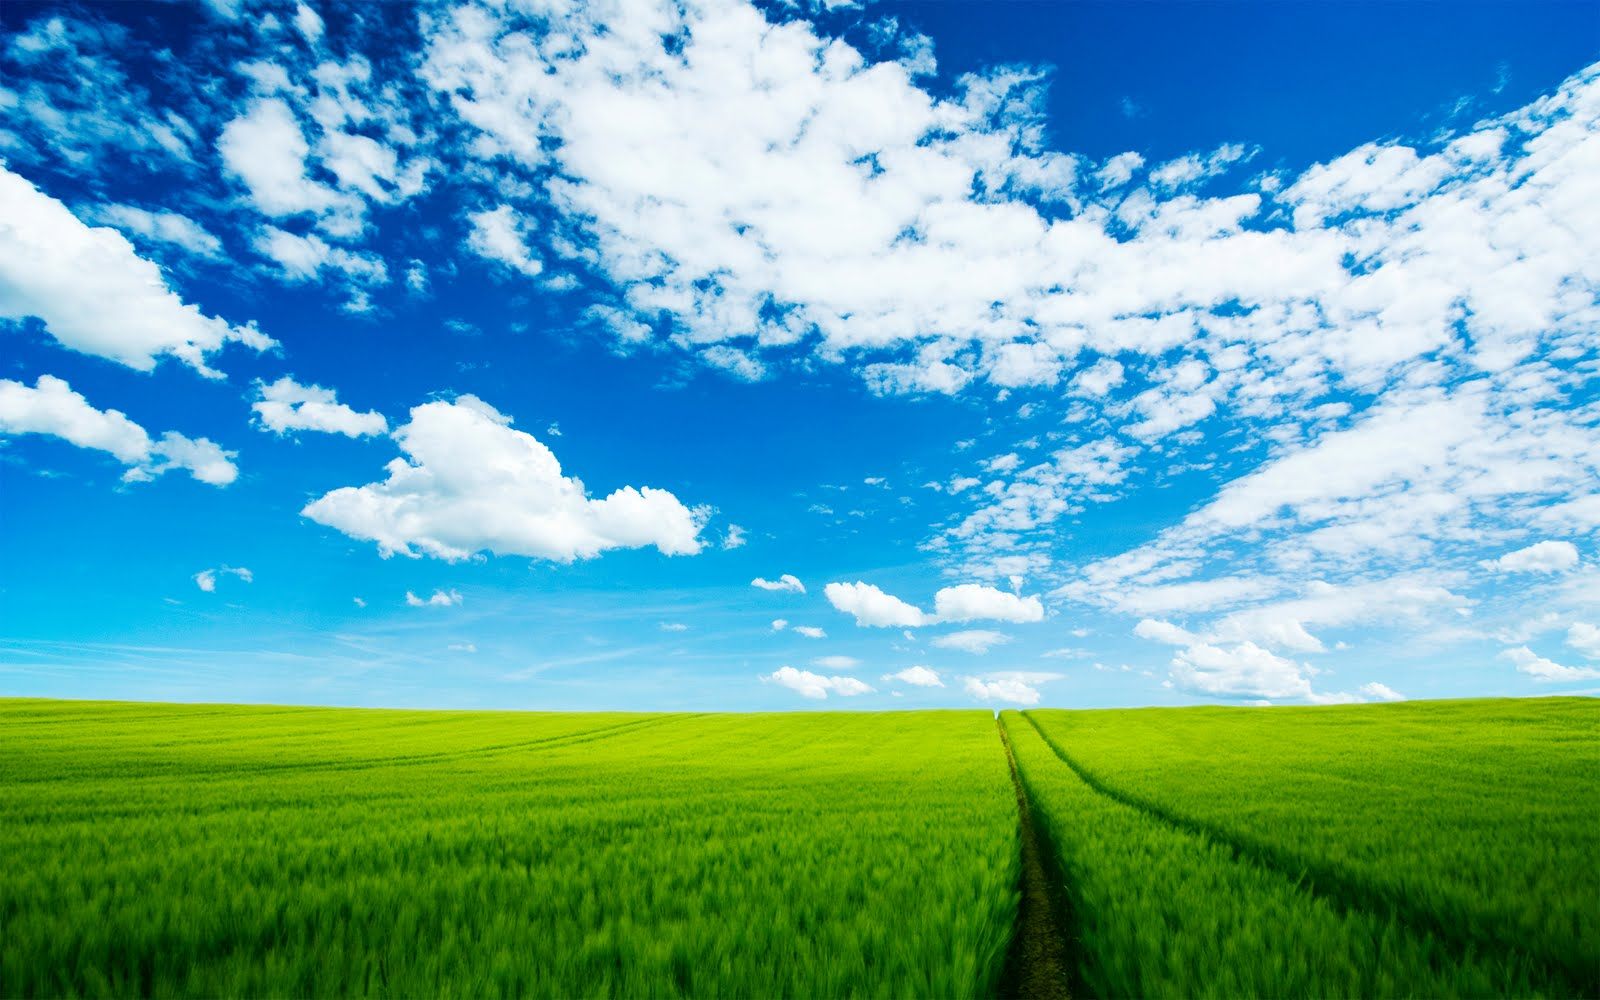 http://2.bp.blogspot.com/-HFZIxV6PFjA/TtzqSSGK-ZI/AAAAAAAABIg/MfqLXewobzY/s1600/fields-wallpaper-hd-11-745456.jpg